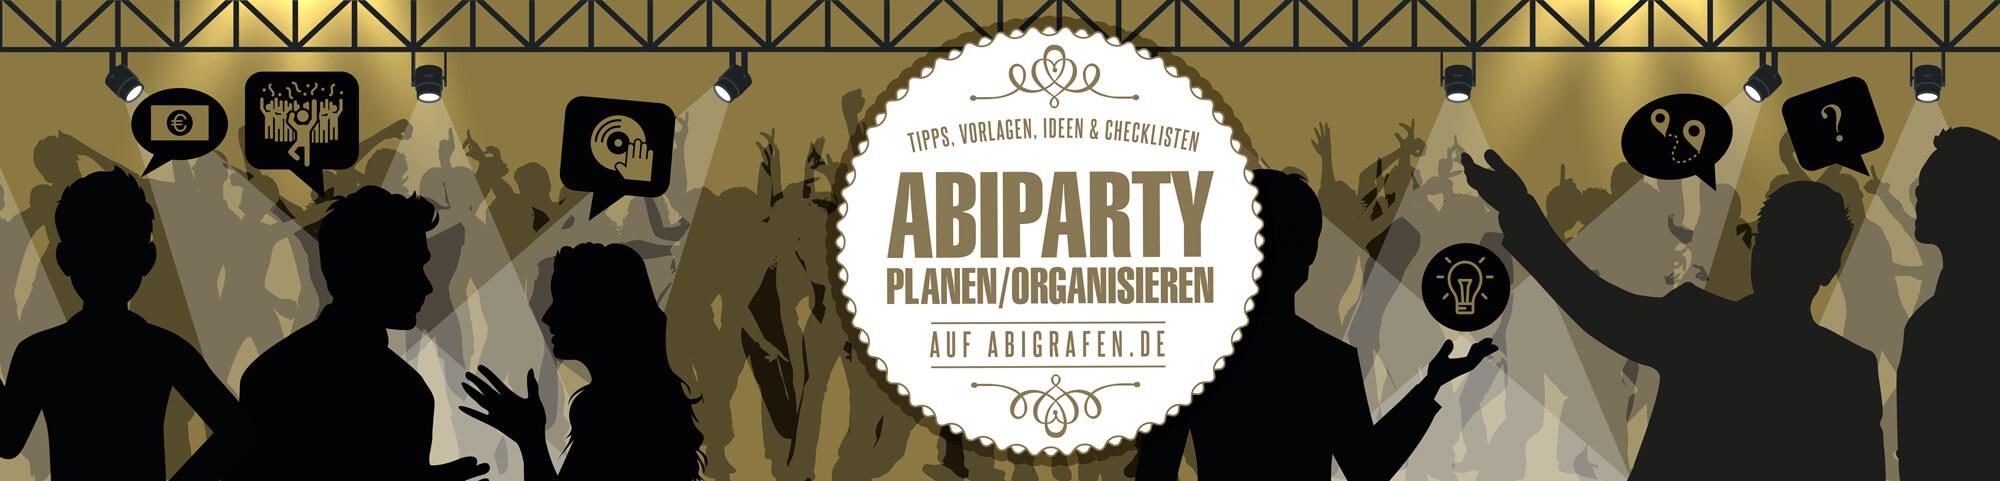 Abi Party Planen: Hilfestellung bei der Organisation eurer Abiparty